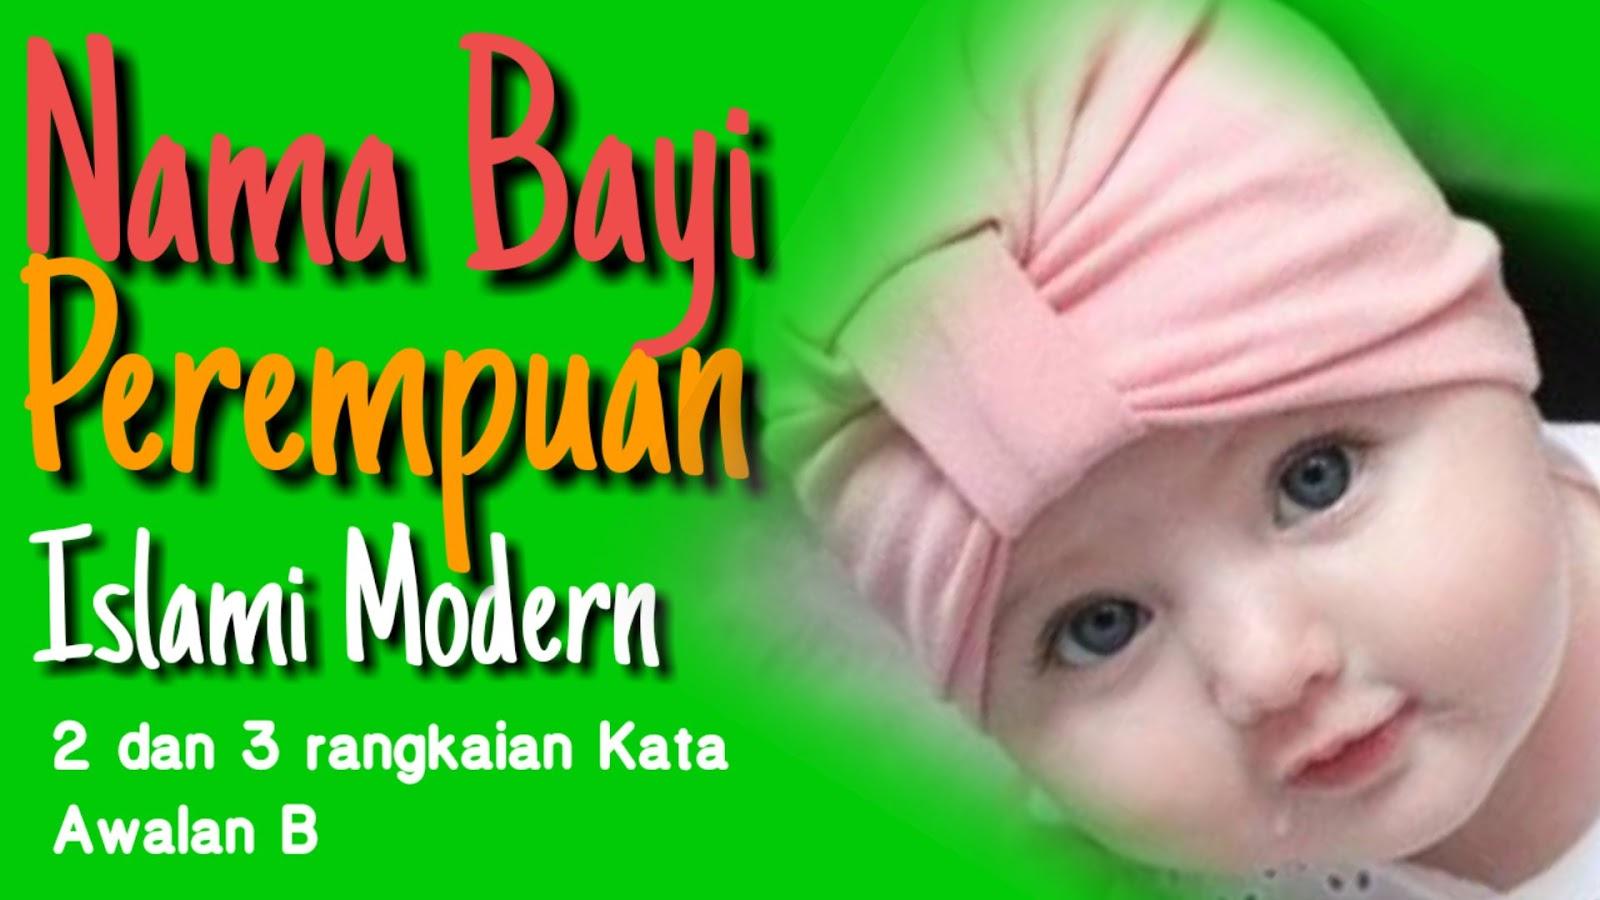 New Nama Bayi Perempuan Cantik Islami Modern Awalan Huruf B Lengkap 2020 Tabir Dakwah